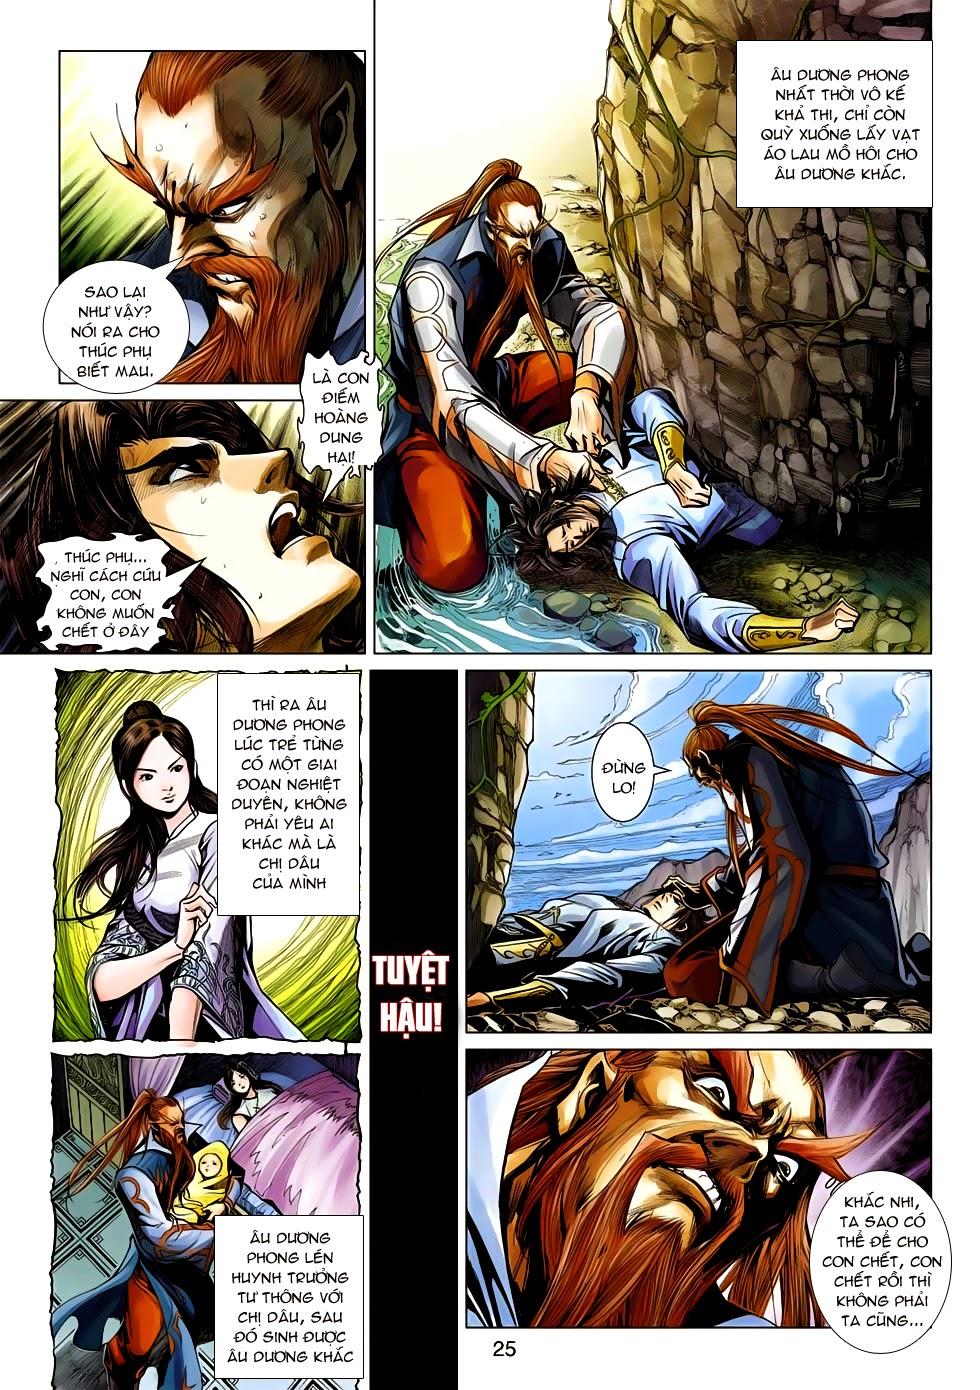 Anh Hùng Xạ Điêu anh hùng xạ đêu chap 54: kiếp hậu dư sinh thiến nữ kỳ mưu trang 25